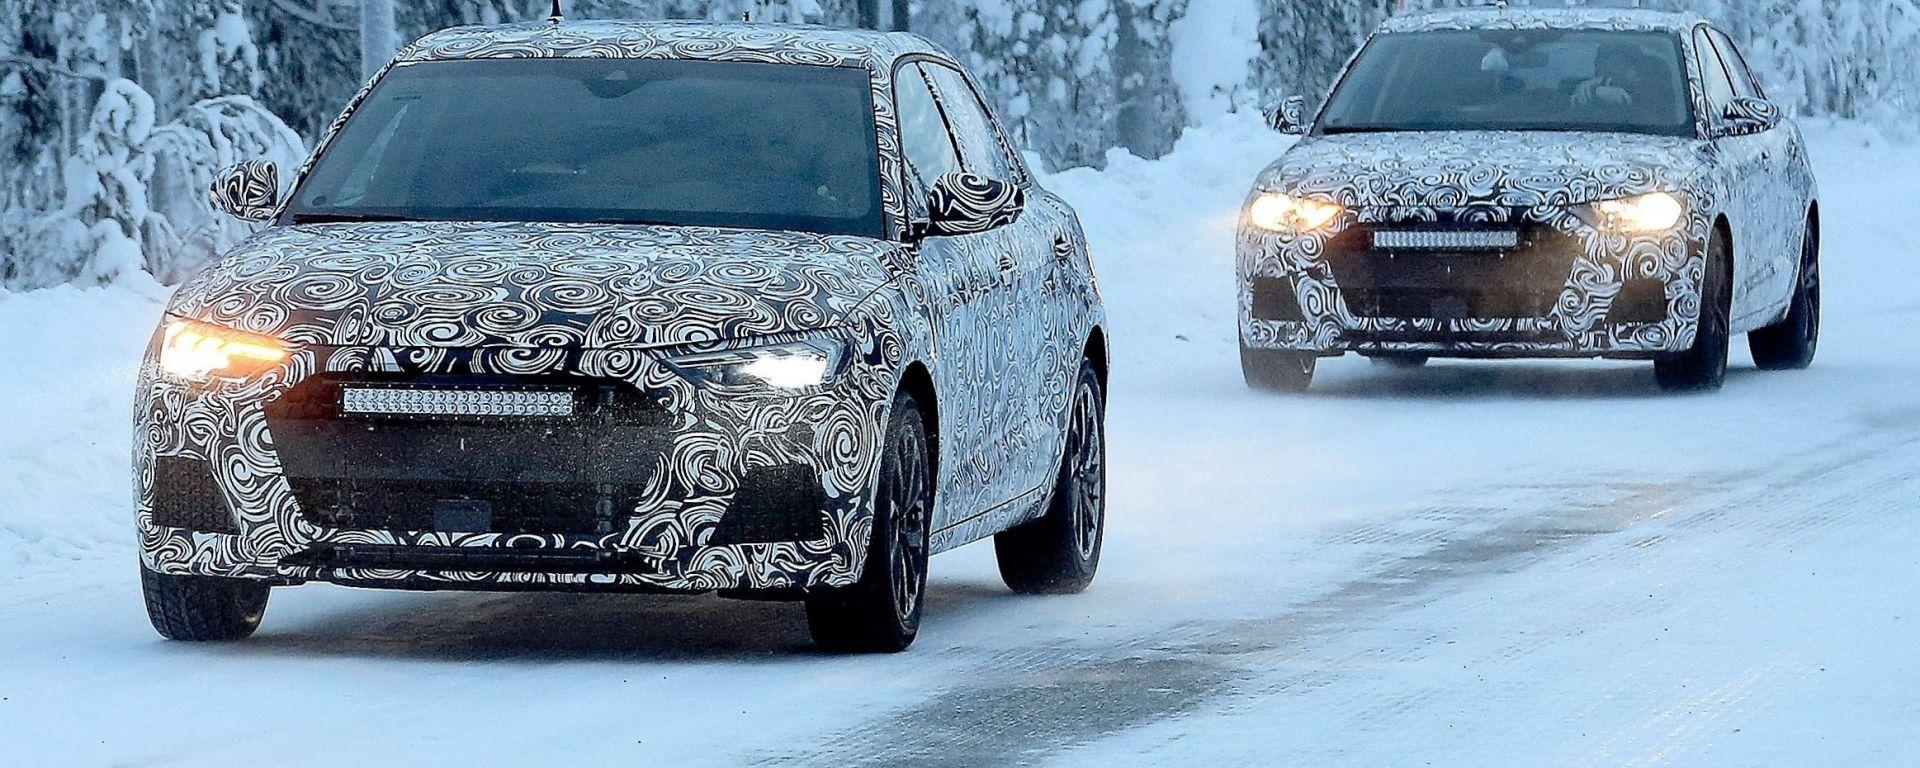 Nuove Audi A1 2018 quasi pronte per il lancio